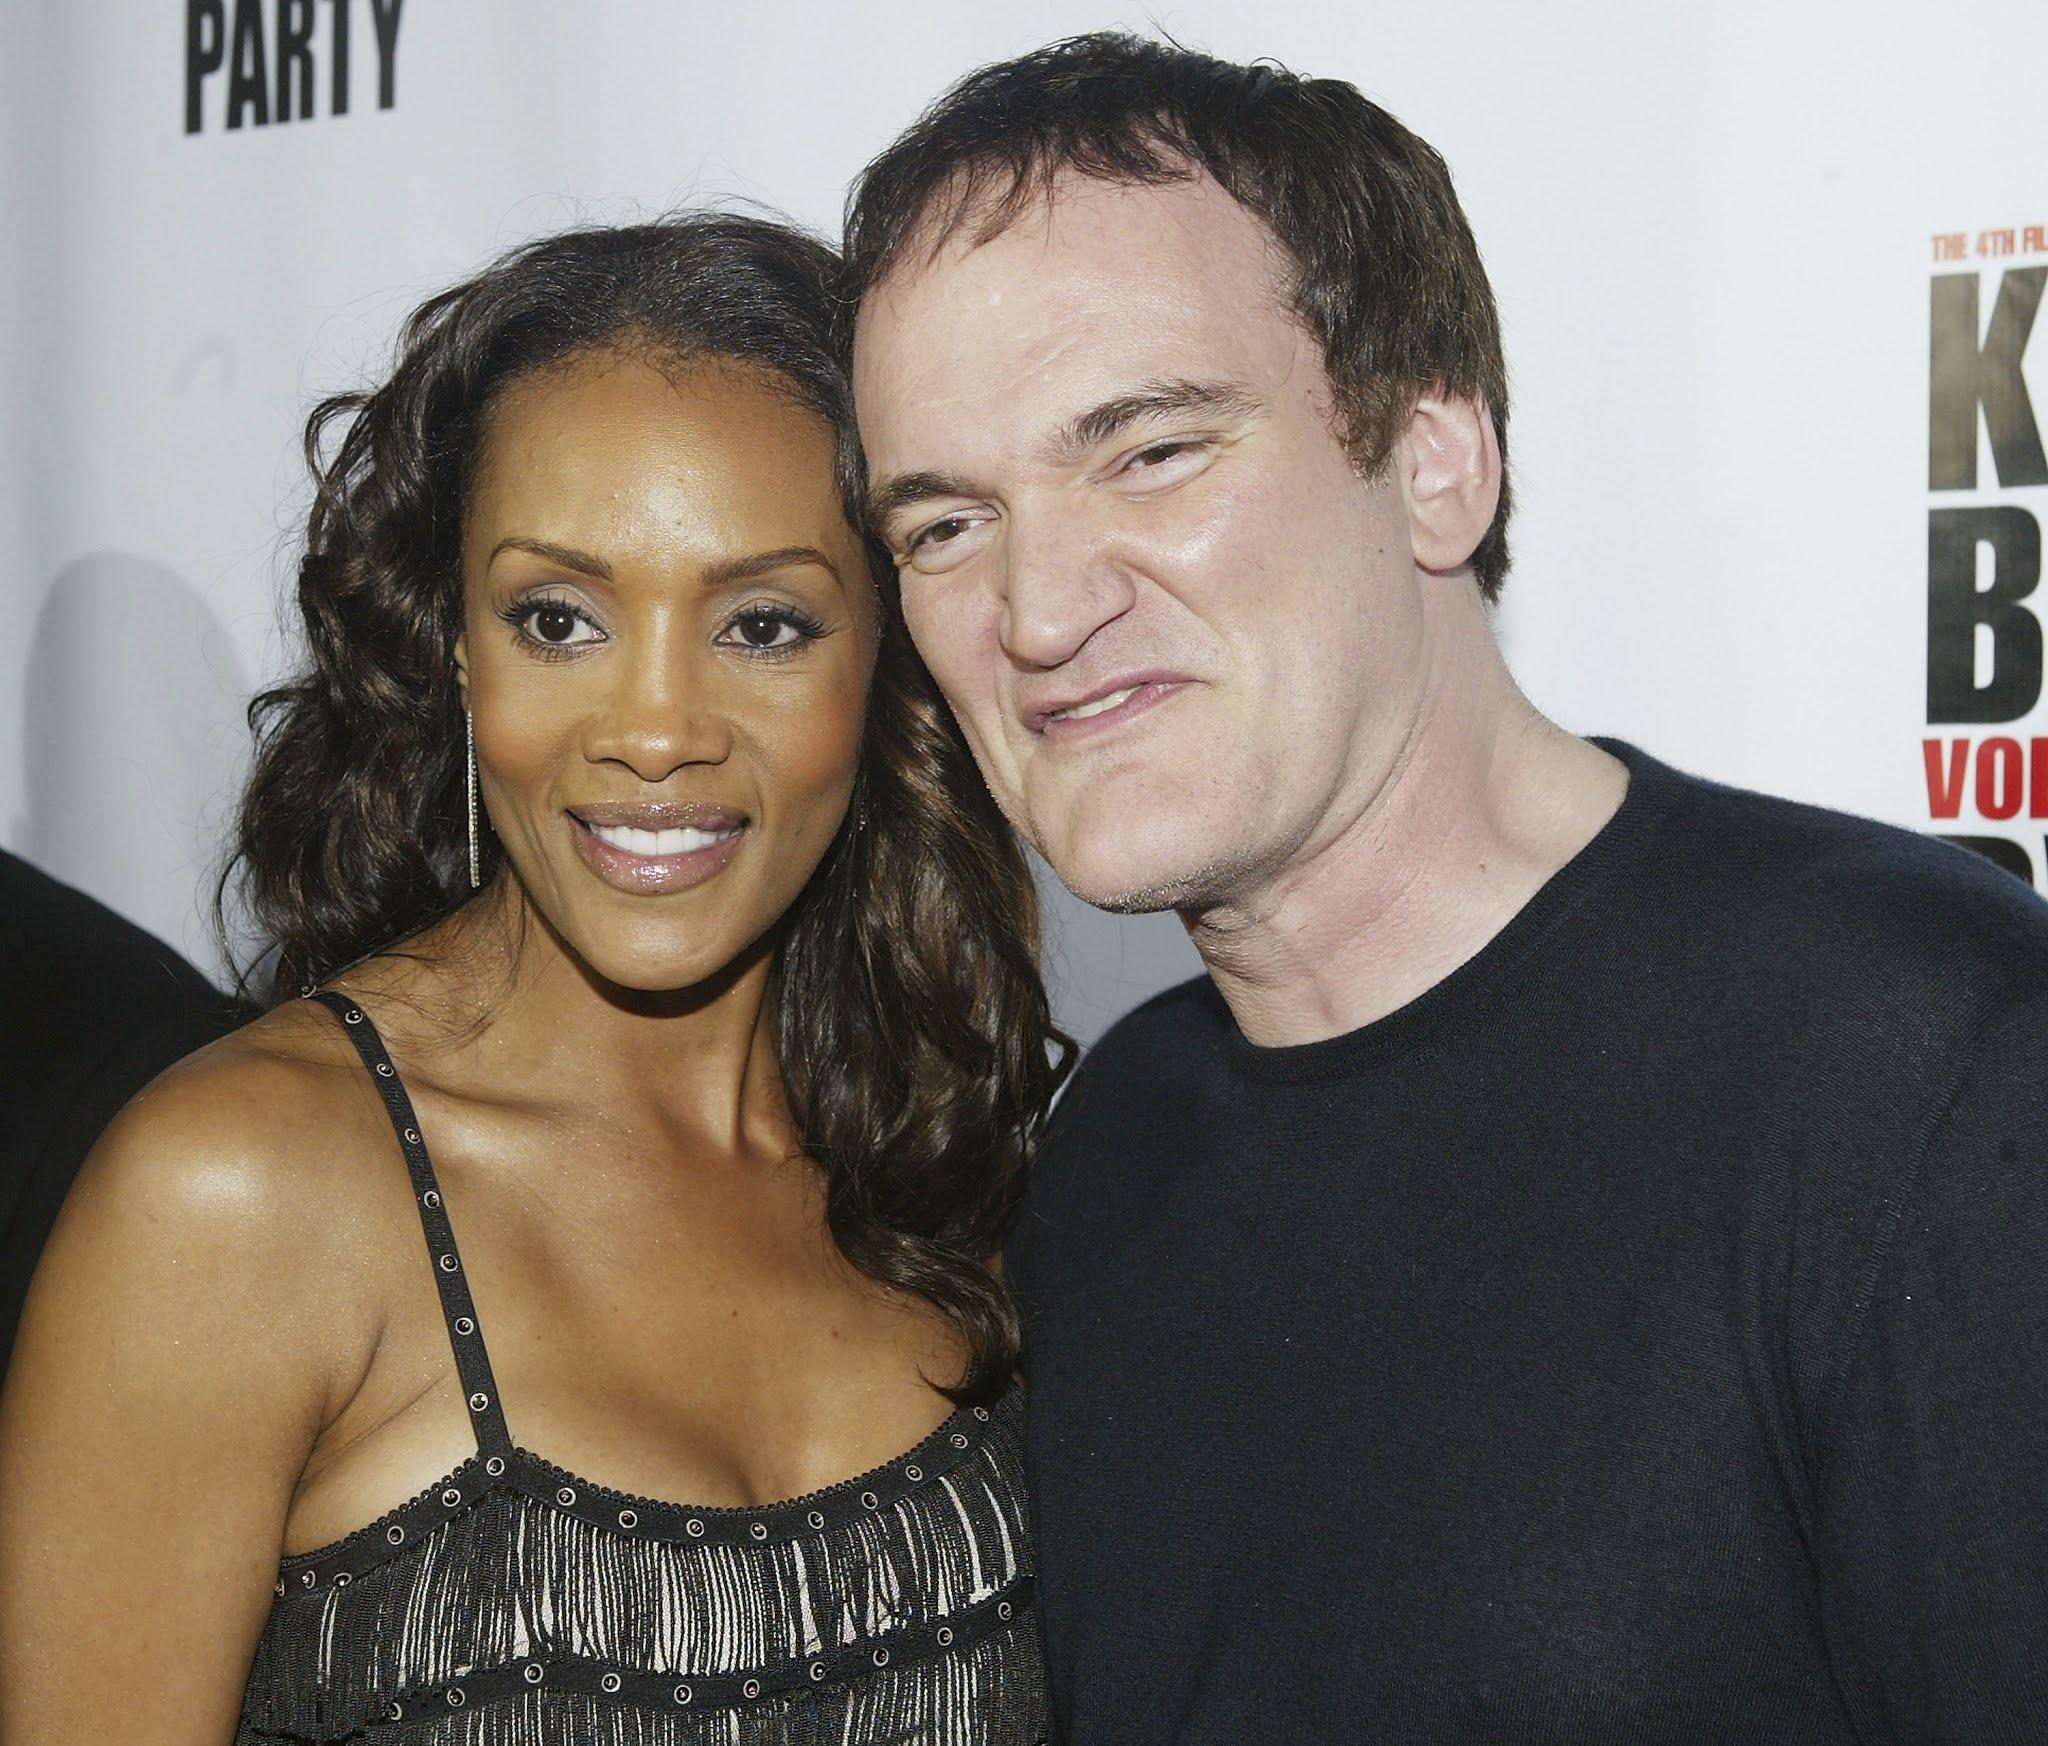 """Vivica A. Fox e Quentin Tarantino participam da """"Festa de Lançamento do Vídeo Kill Bill Vol. 1"""" em 12 de abril de 2004"""